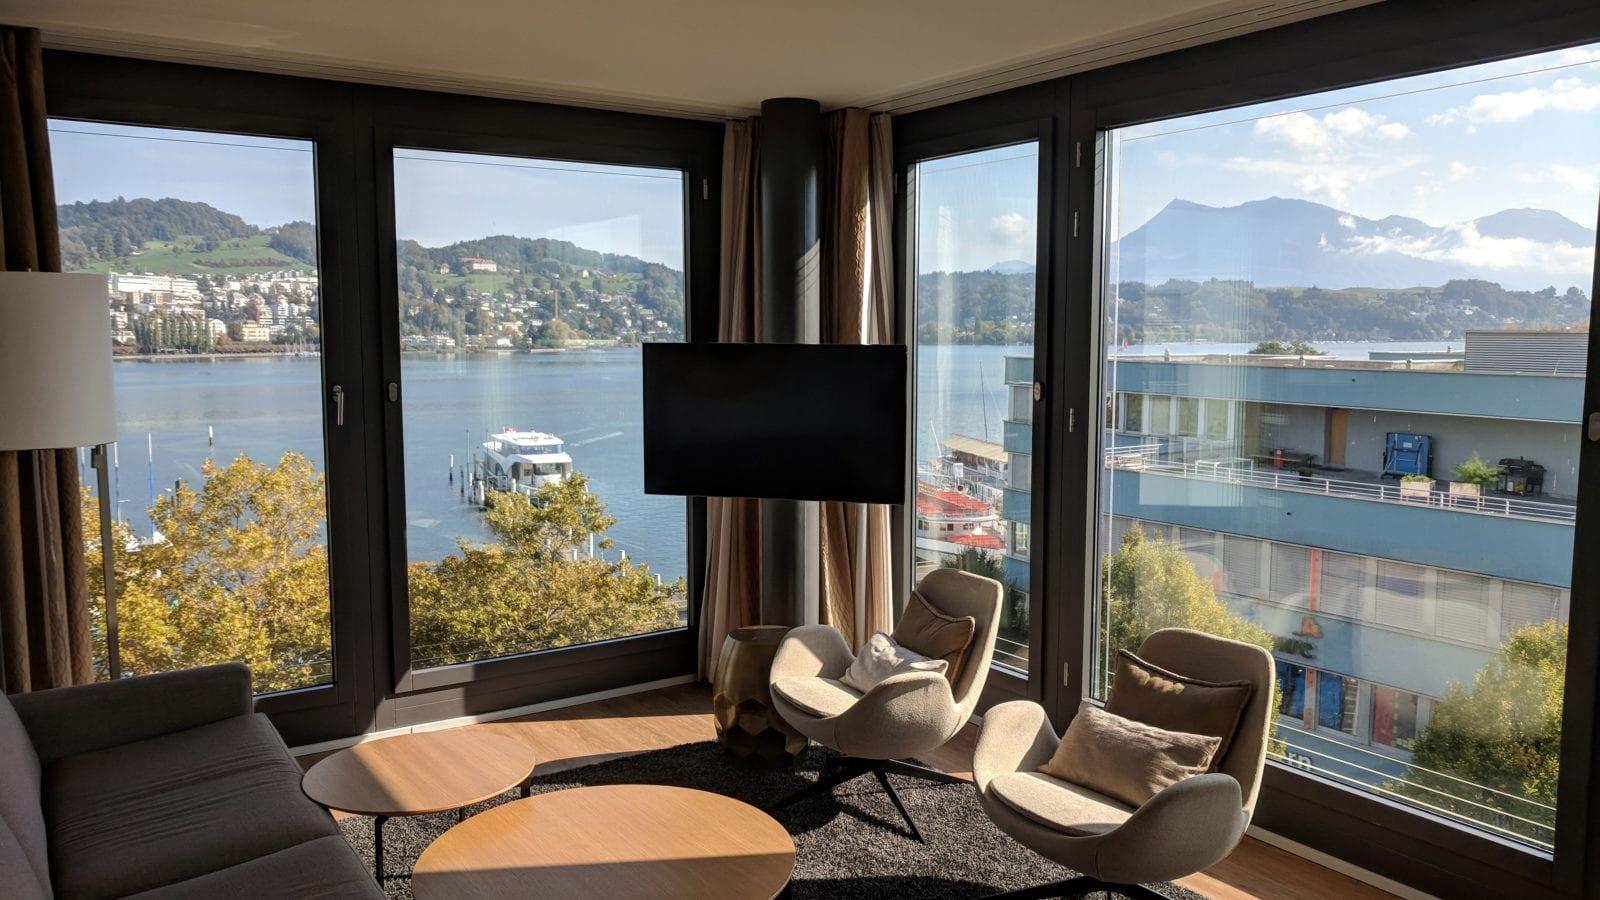 Radisson Blu Luzern Wohnzimmer 1600x900